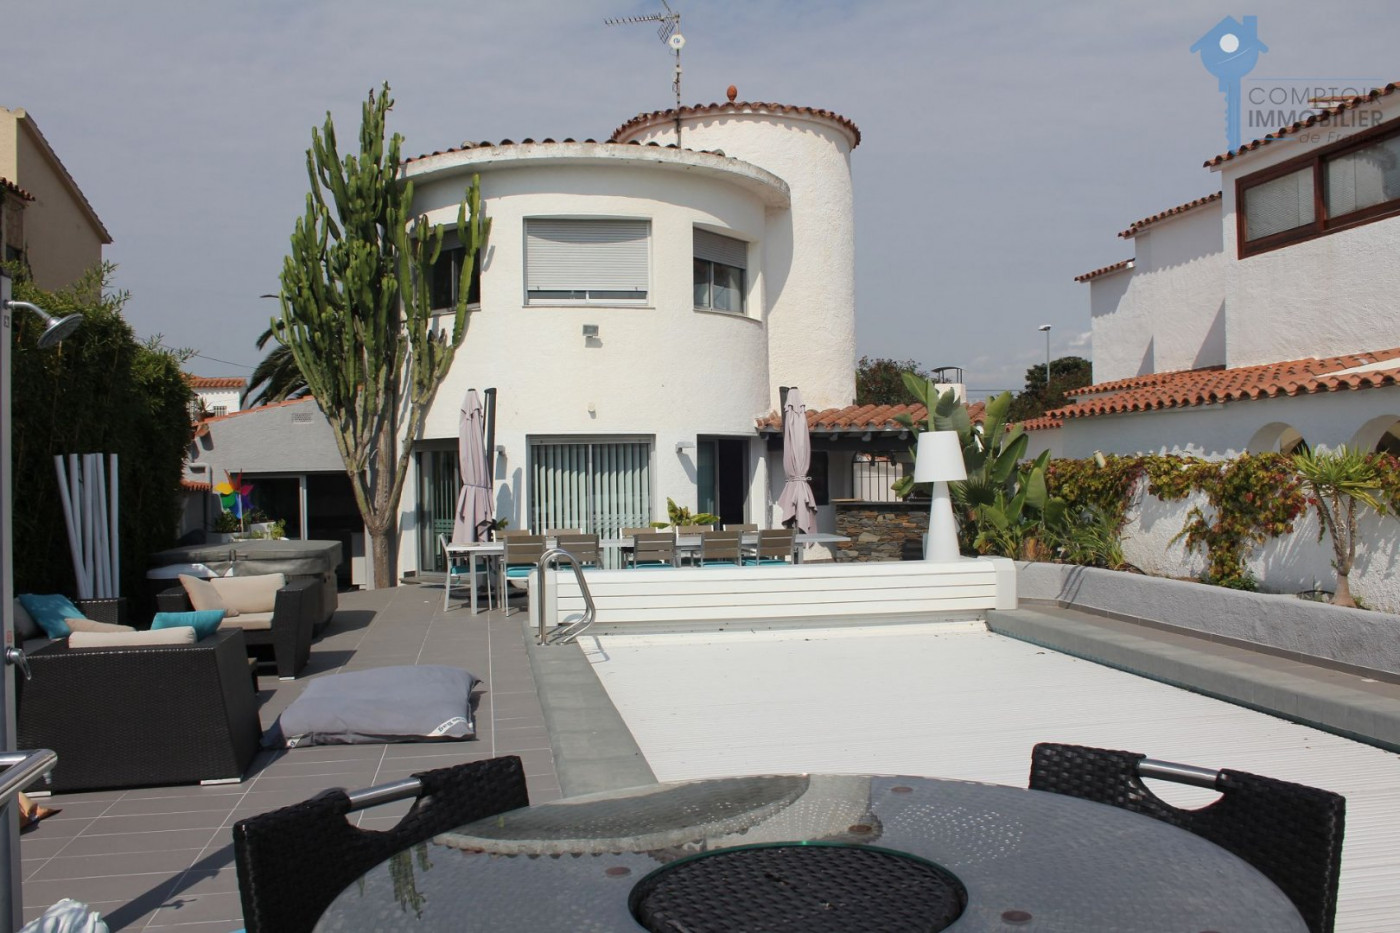 A vendre  Empuriabrava | Réf 3438038866 - Comptoir immobilier de france prestige